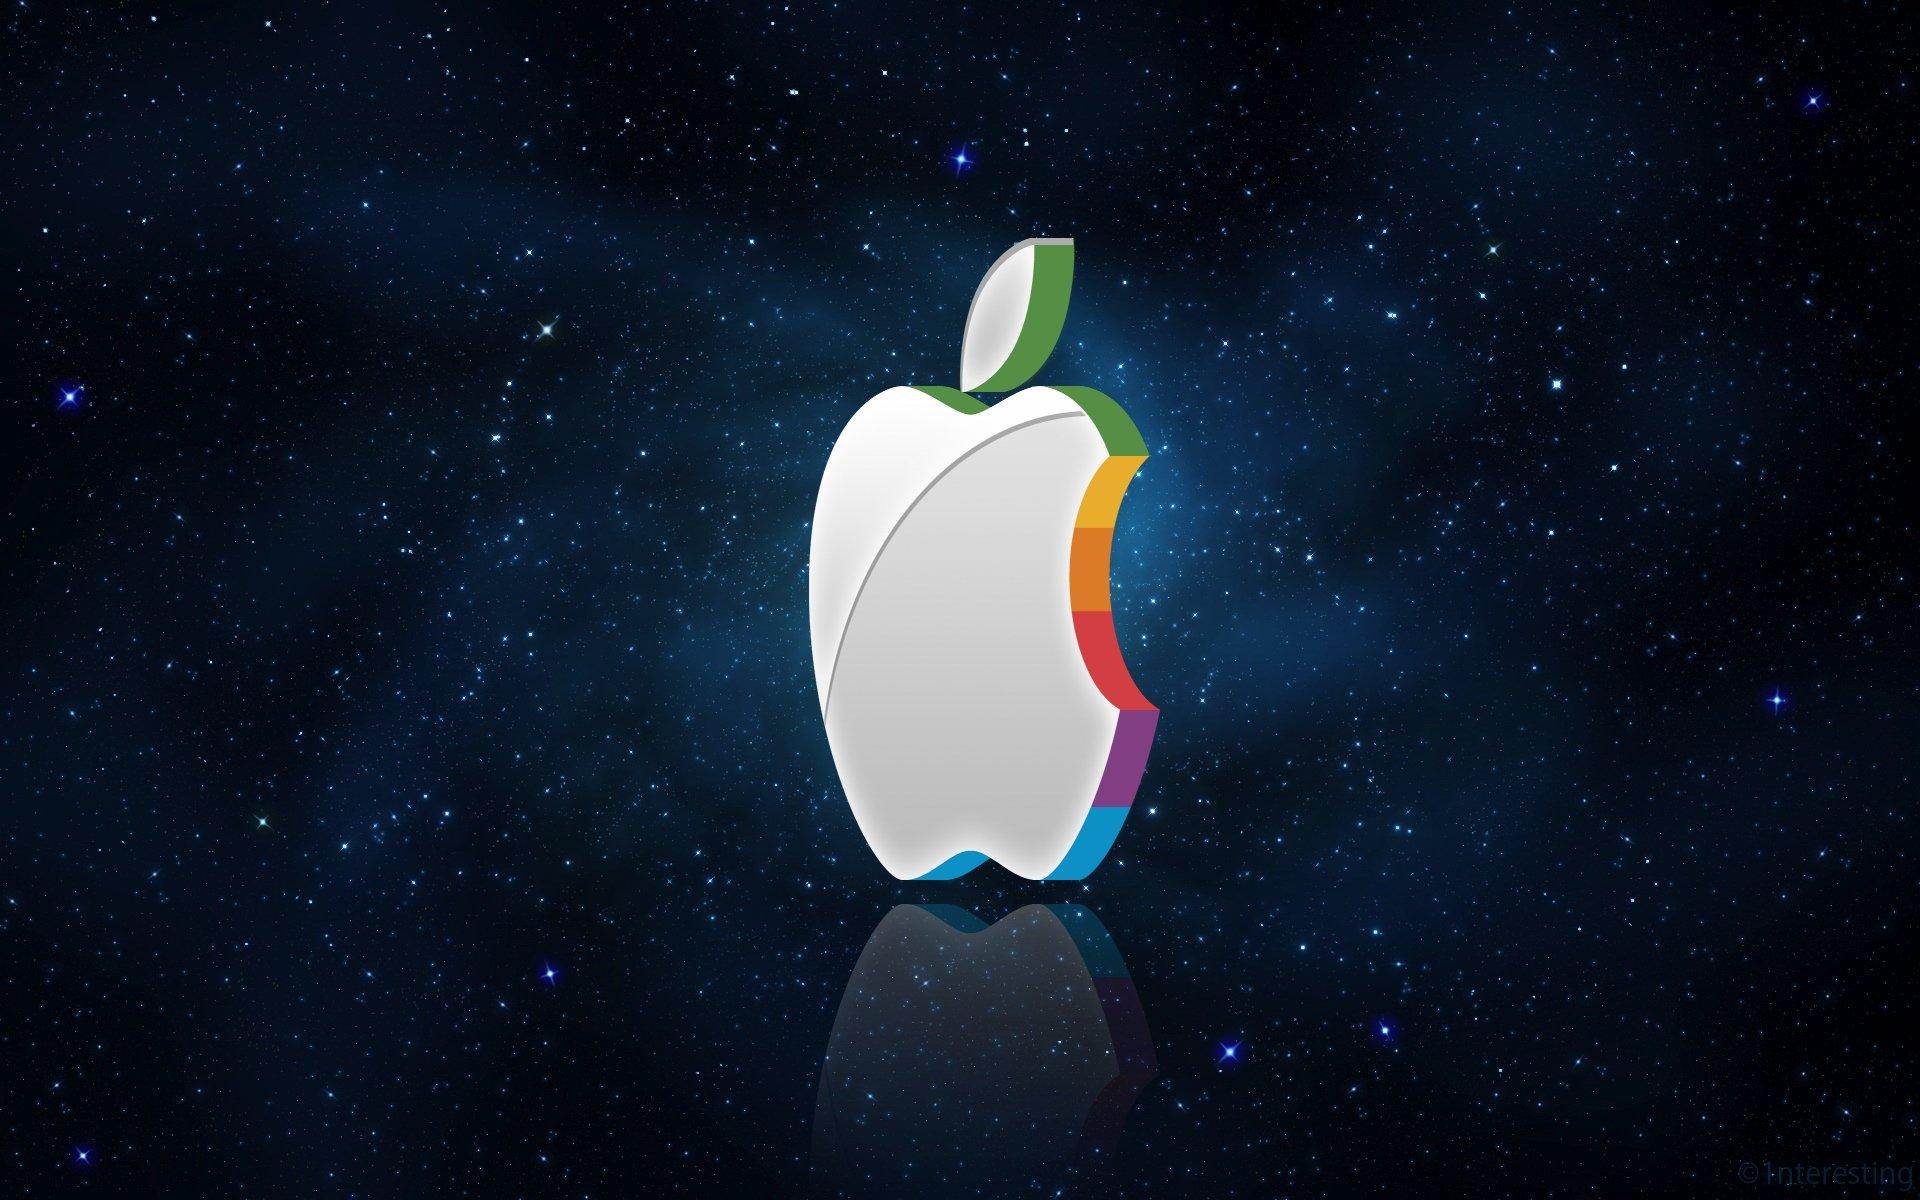 logotipo da apple em cores vivas